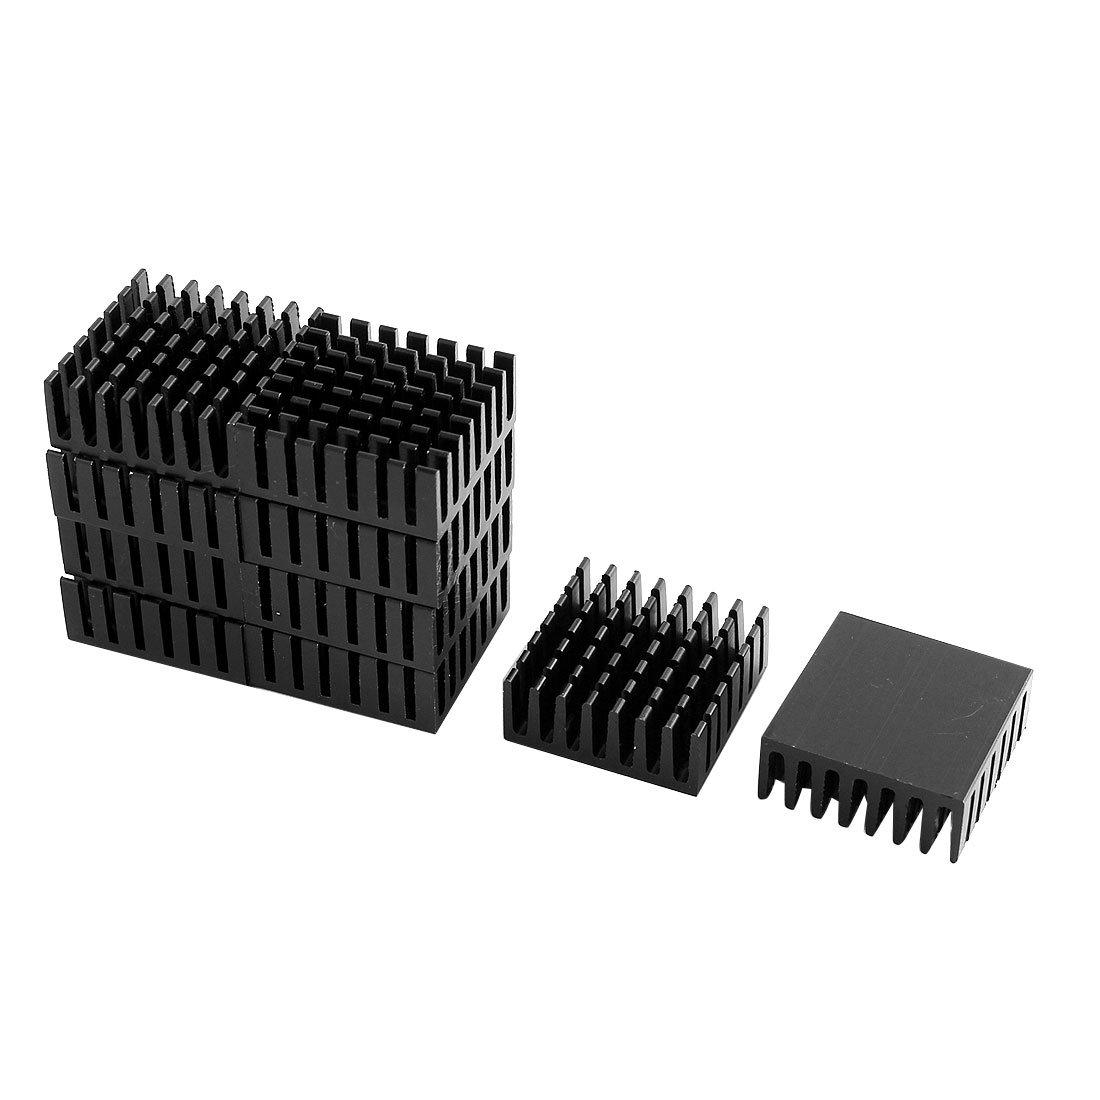 Sourcingmap 10Pcs Aluminum Cooling Fin CPU Dissipate Chip Heat Radiate a15071600ux0635